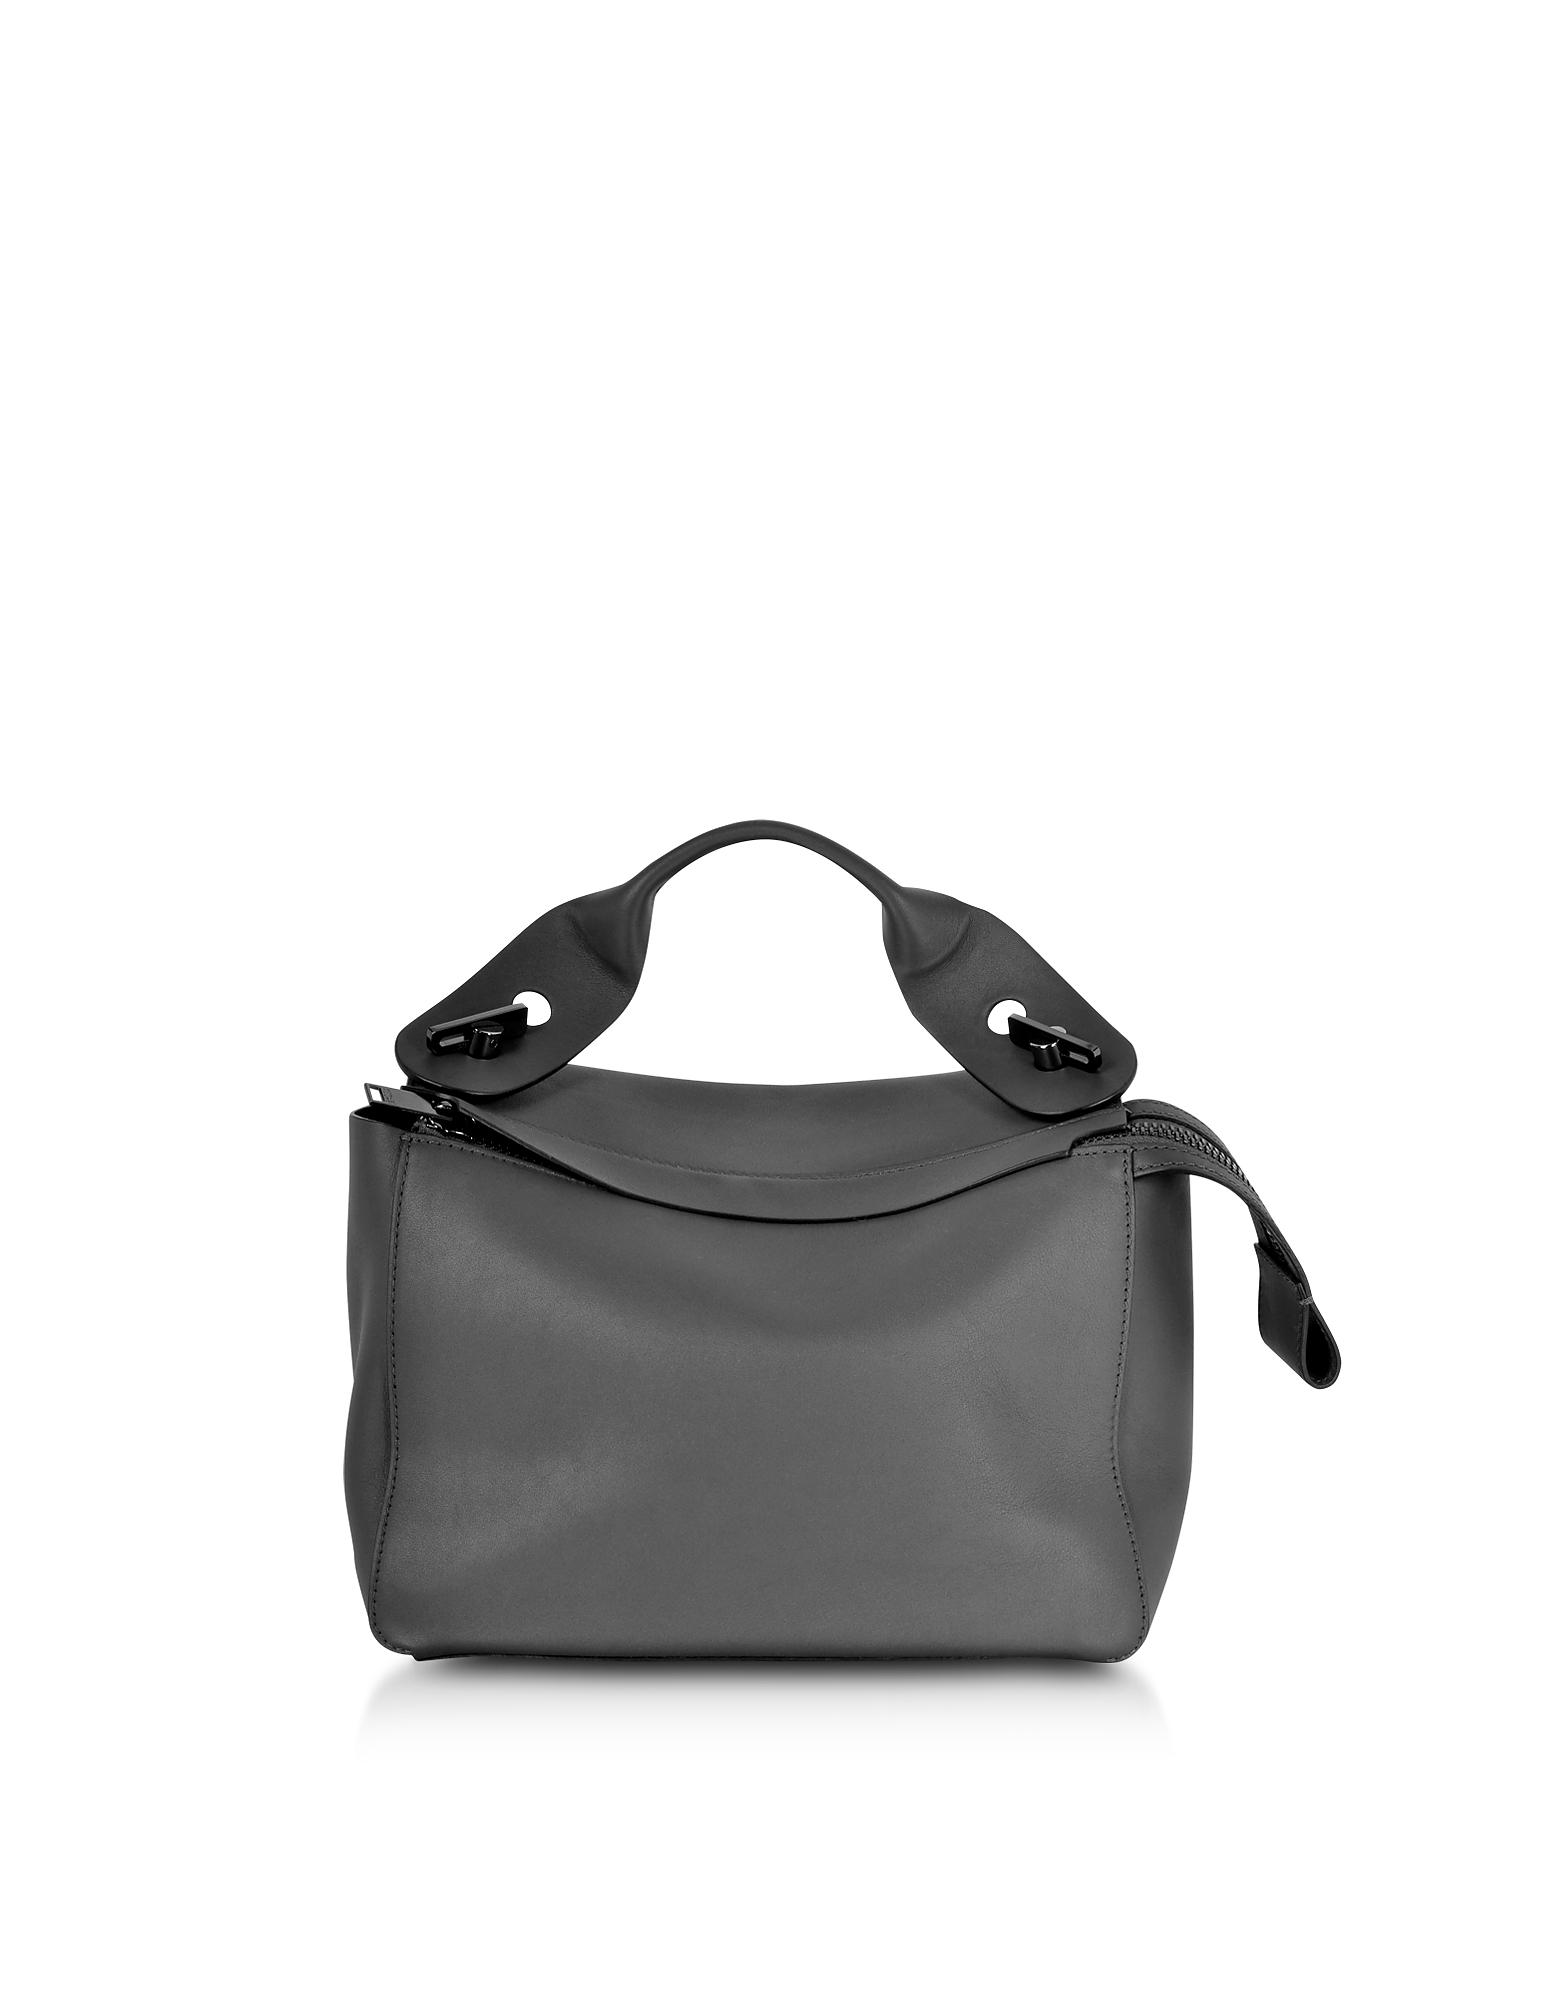 Sophie Hulme Handbags, Charcoal Bolt Shoulder Bag